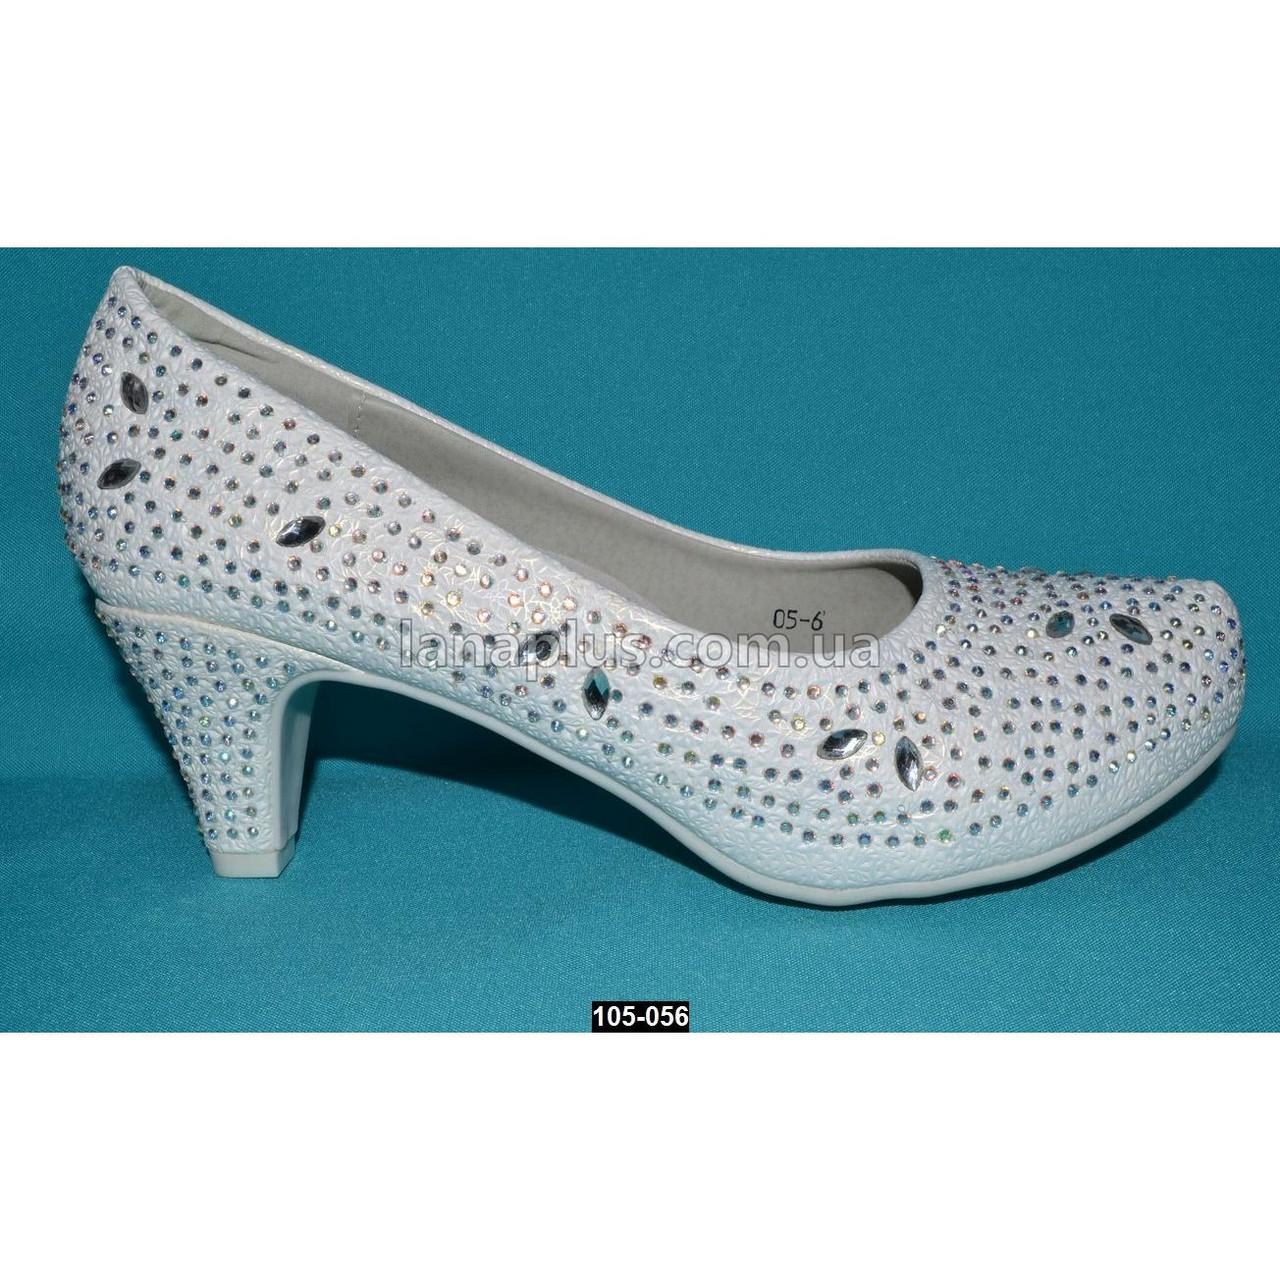 48131a136 Нарядные туфли, 38 размер (24.2 см), праздничные туфельки на каблучке